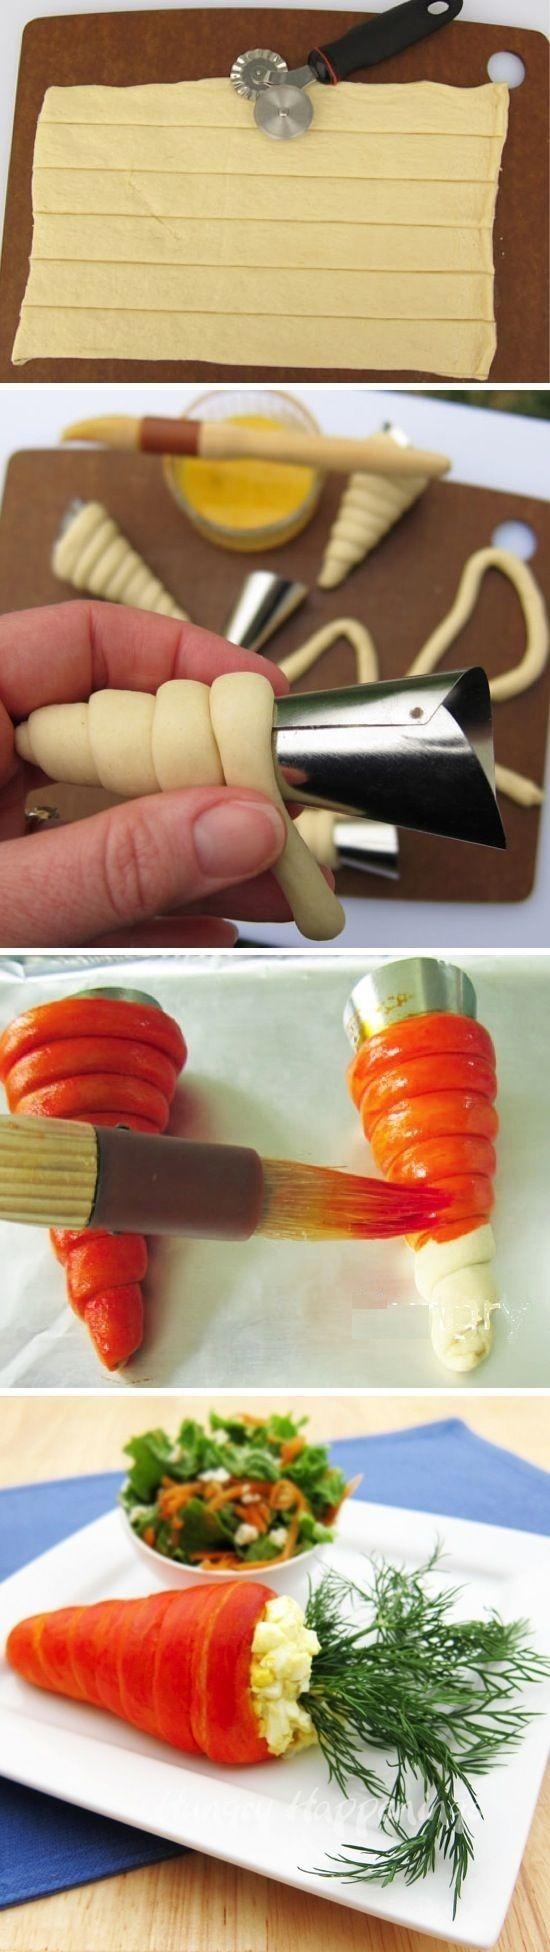 """Из чего можно сделать оригинально поделку """"съедобную морковку"""" на Пасху?"""